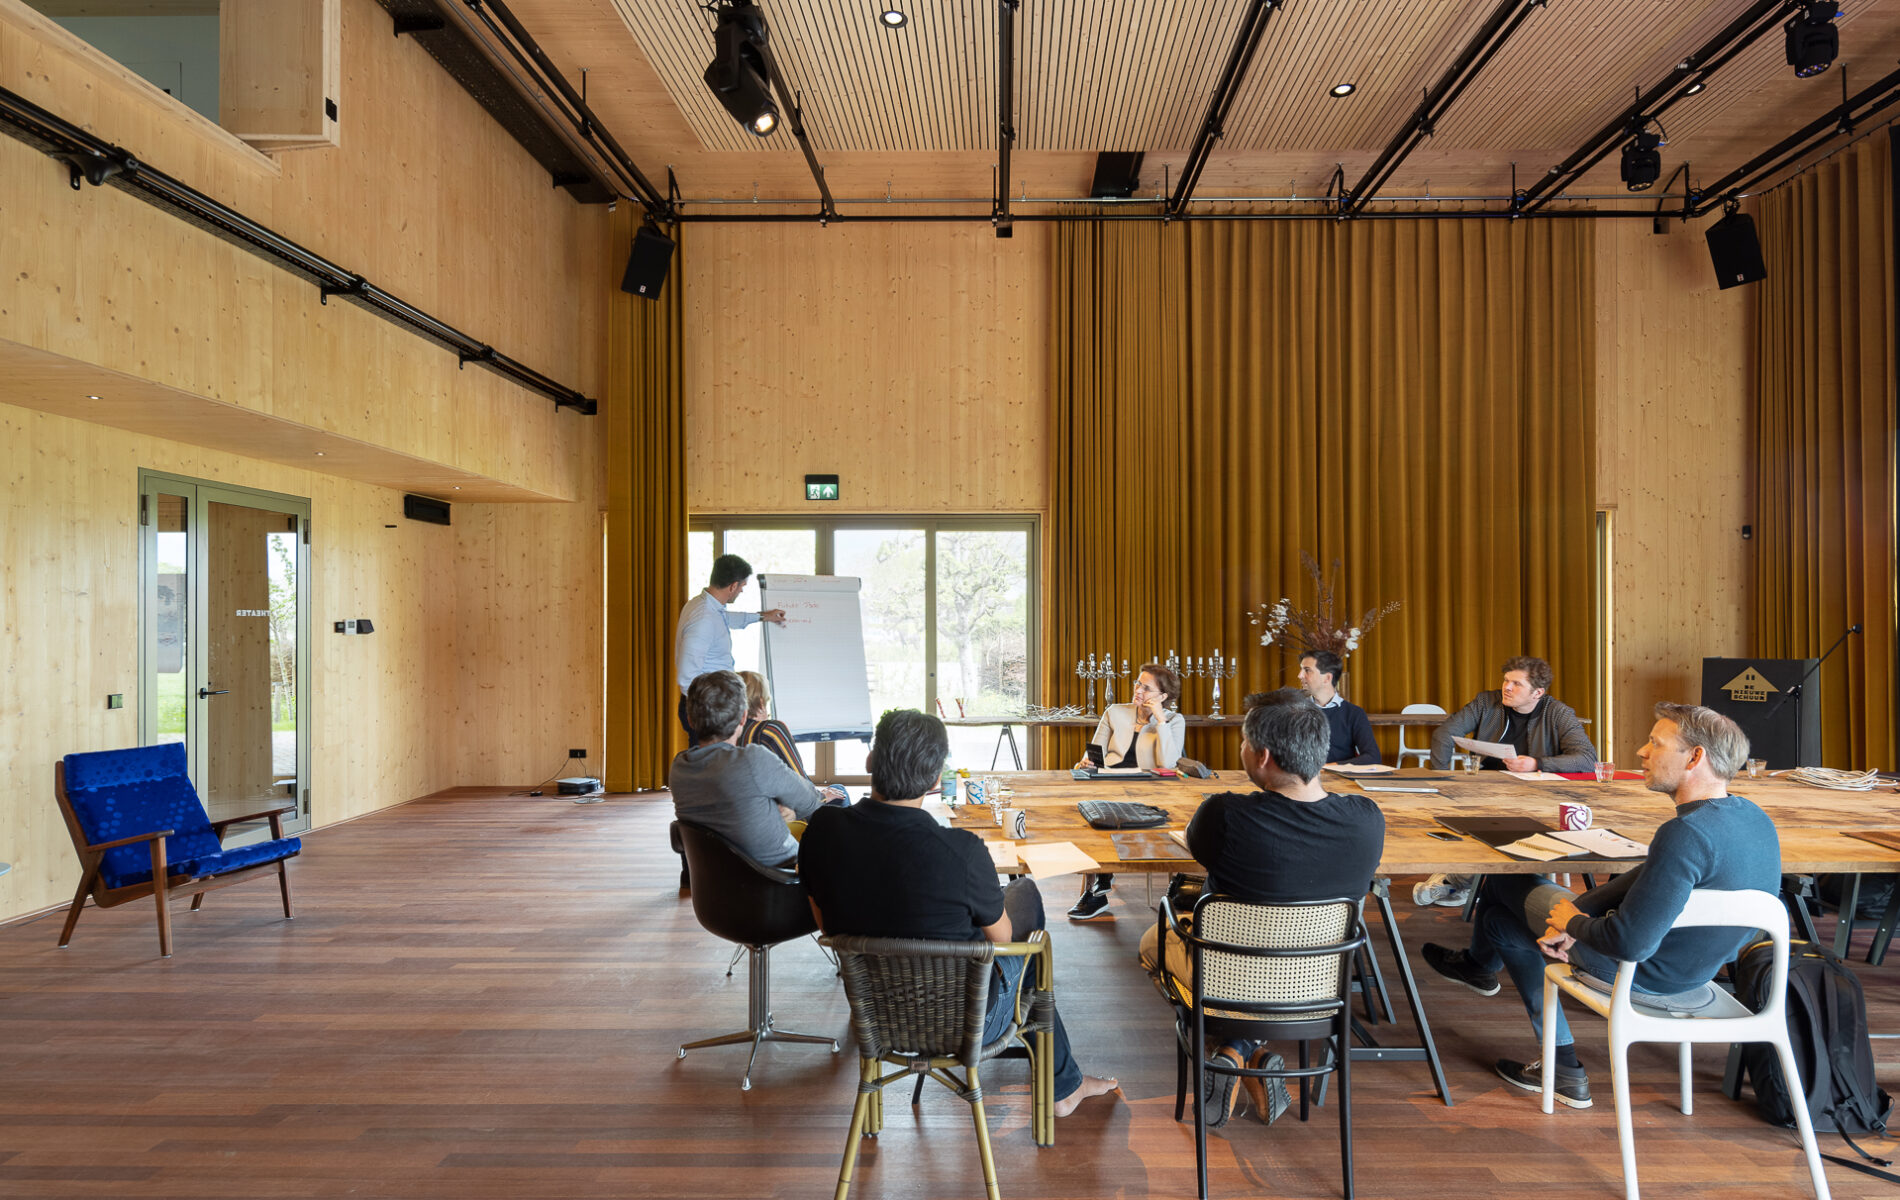 De Nieuwe Schuur, De Theaterzaal - Zakelijke Verhuur, directie meeting